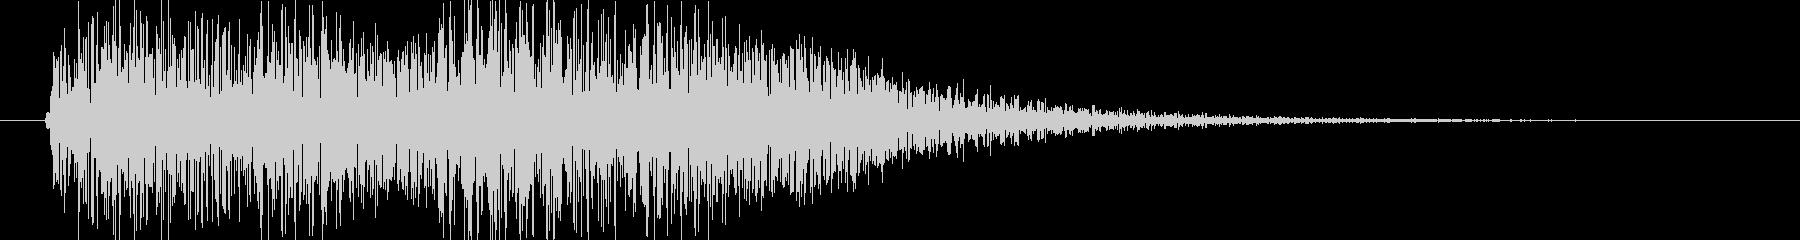 テロテロ(エラー・アラート音 ピアノ)の未再生の波形